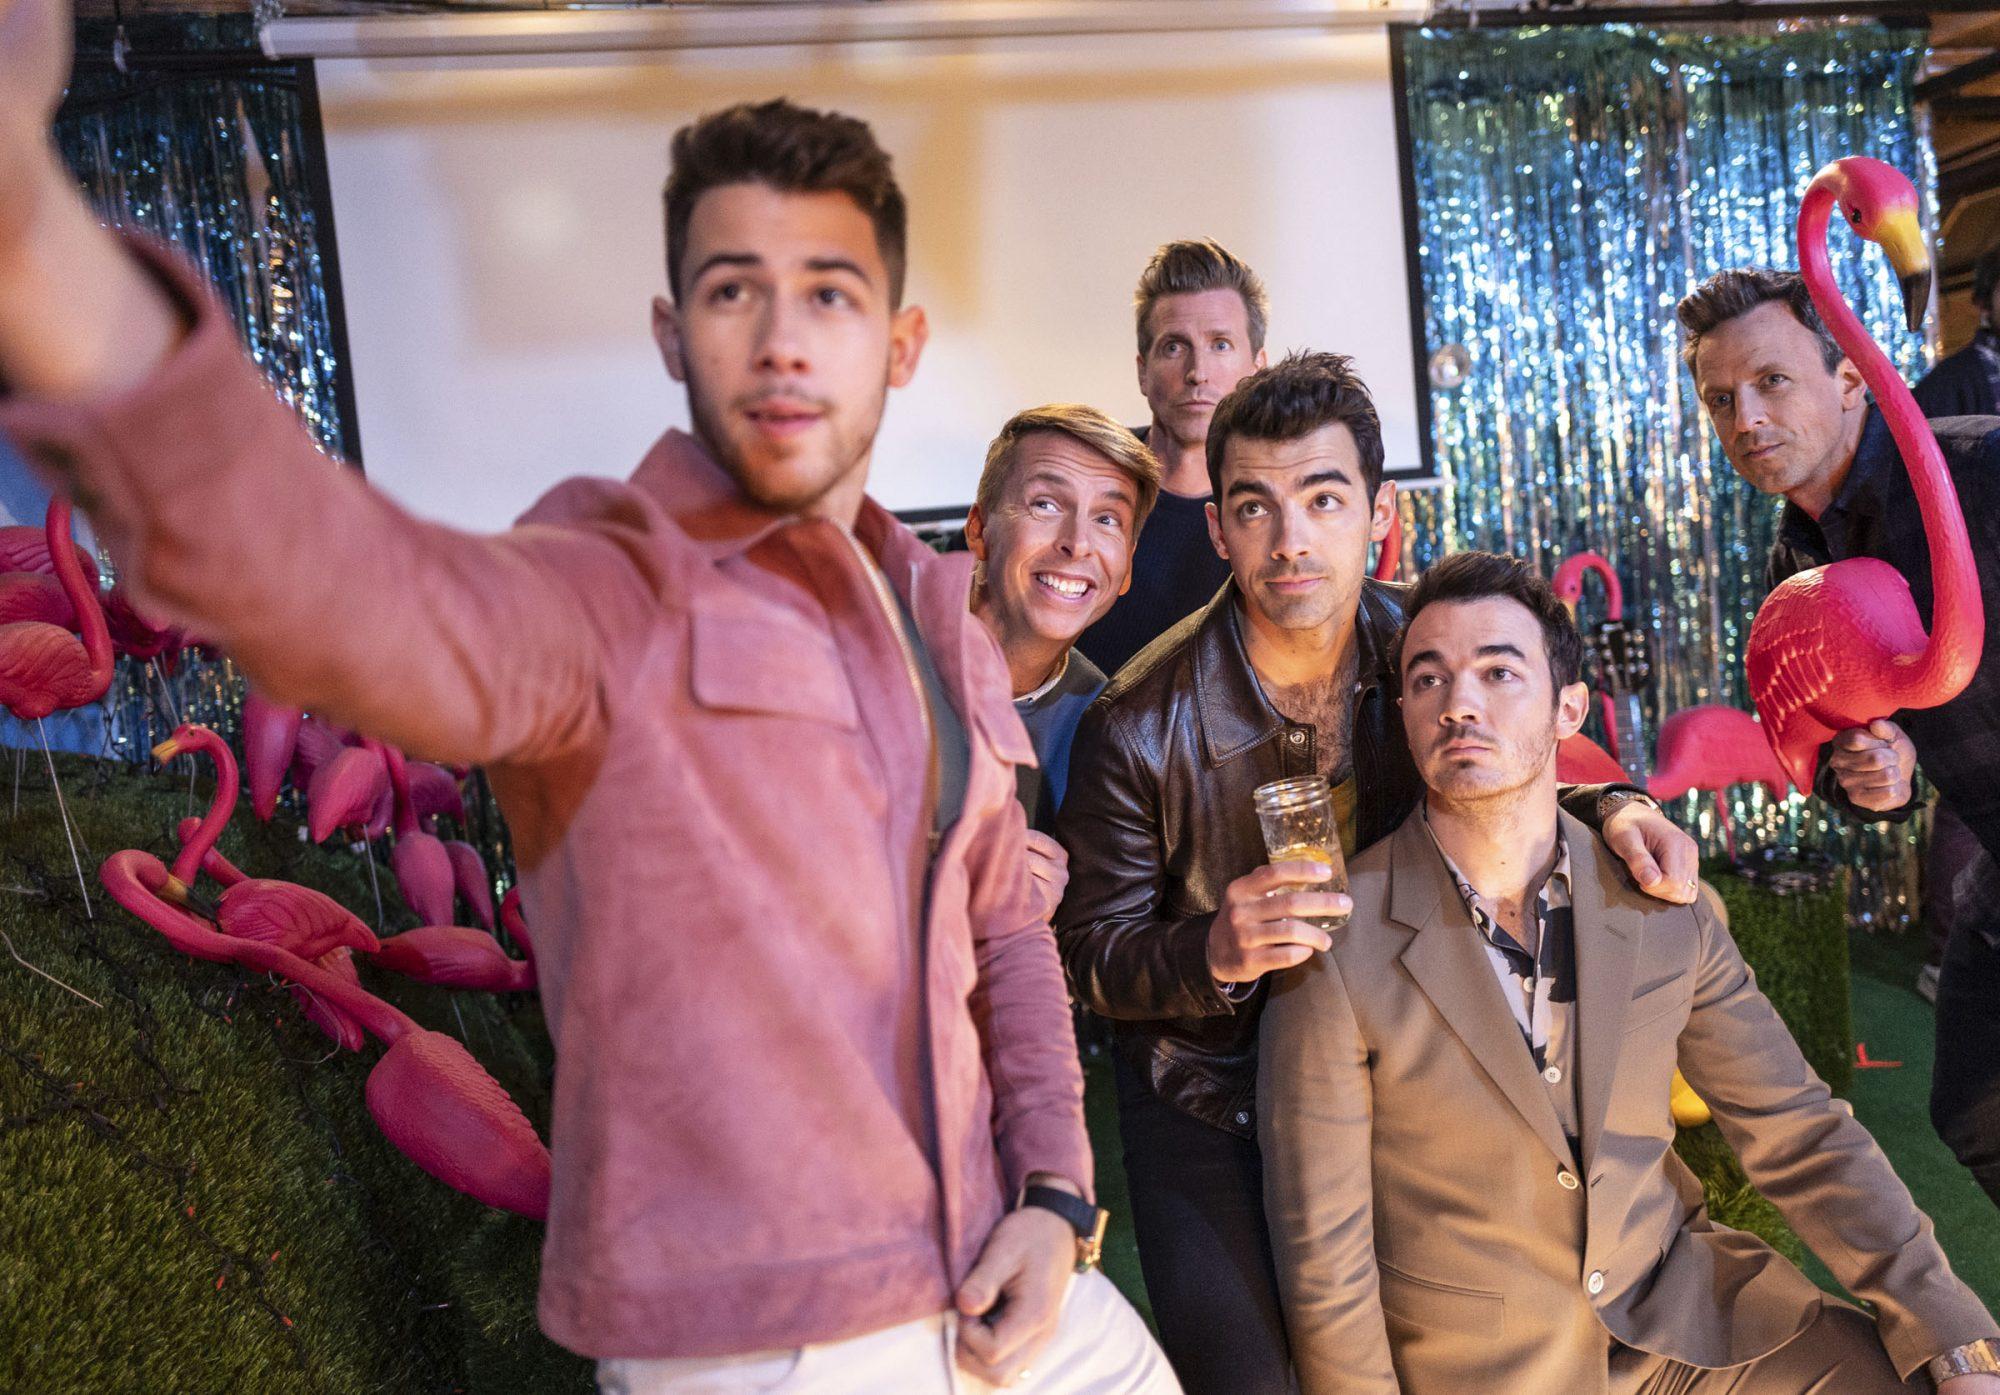 Nick Jonas, Jack McBrayer, Josh Meyers, Joe Jonas, Kevin Jonas and host Seth Meyers